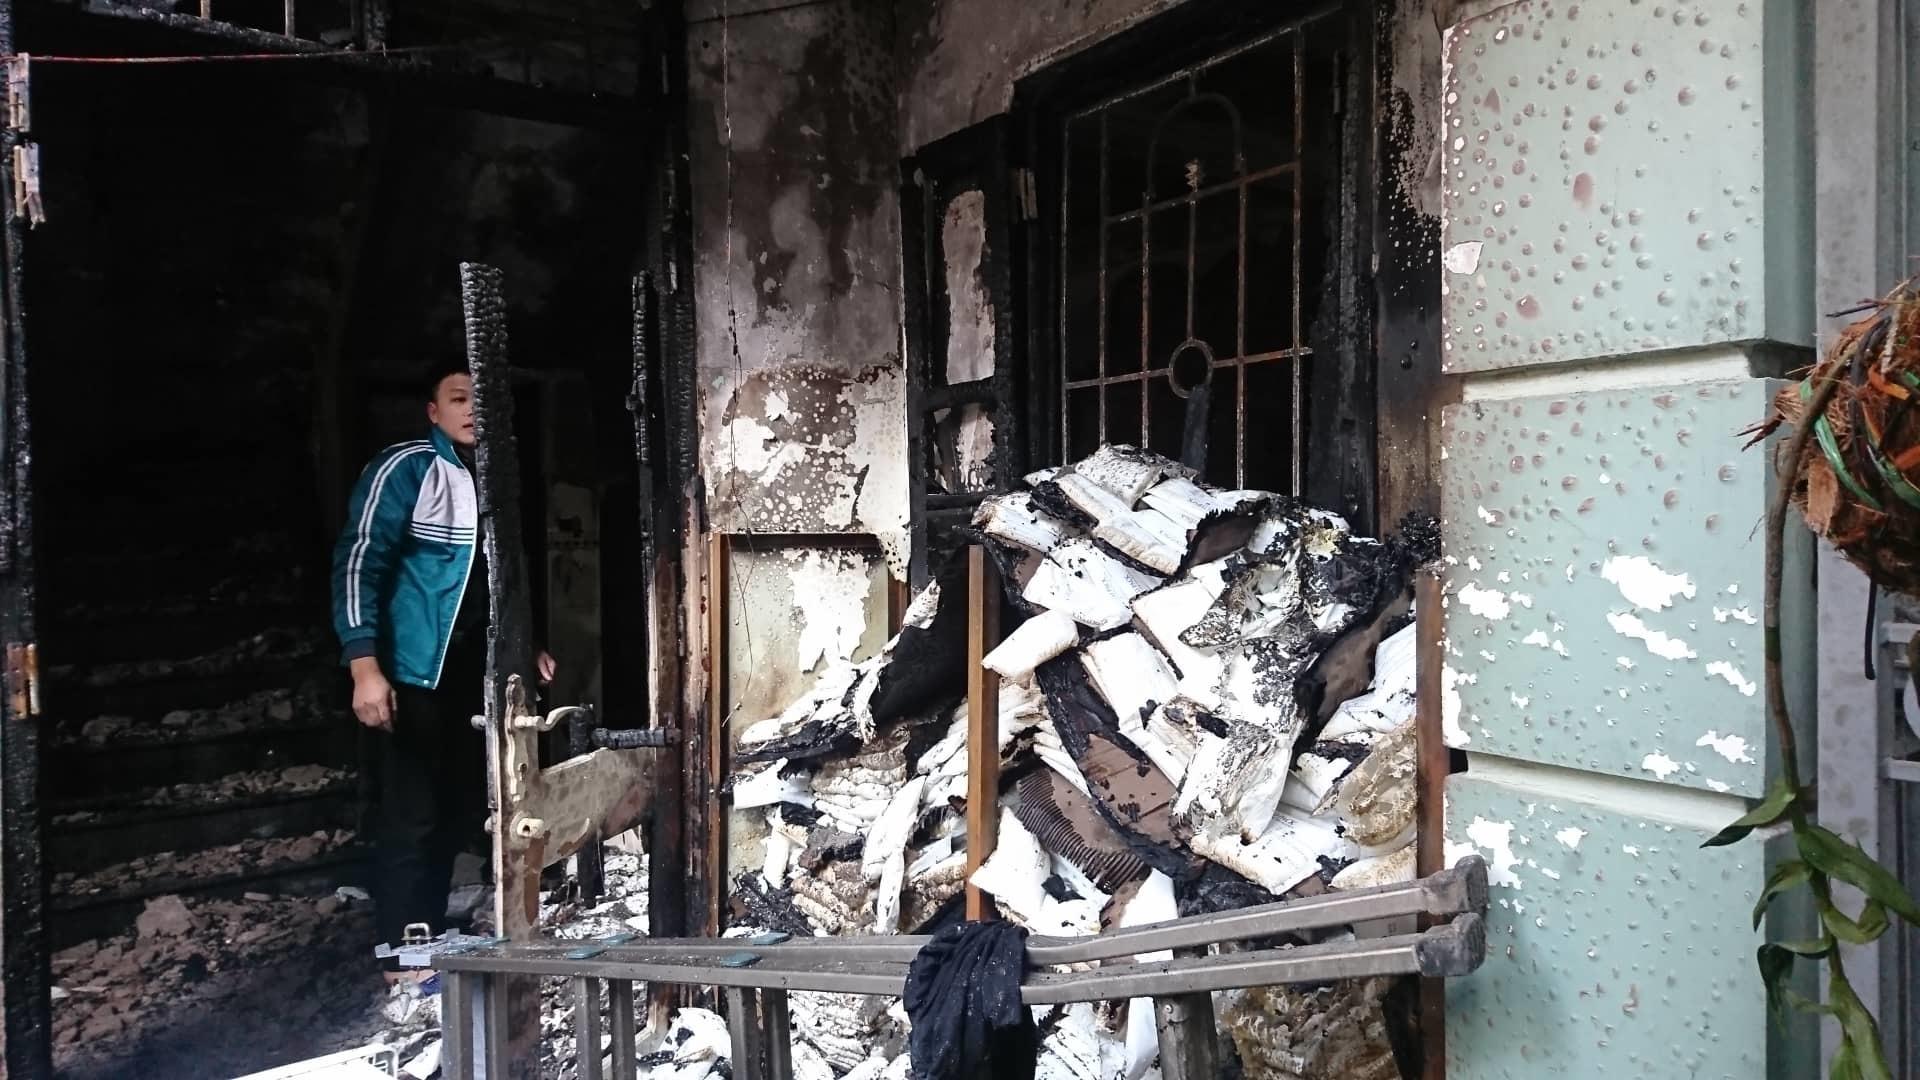 Hà Nội: Cháy nhà lúc rạng sáng, nhiều người nhập viện-3